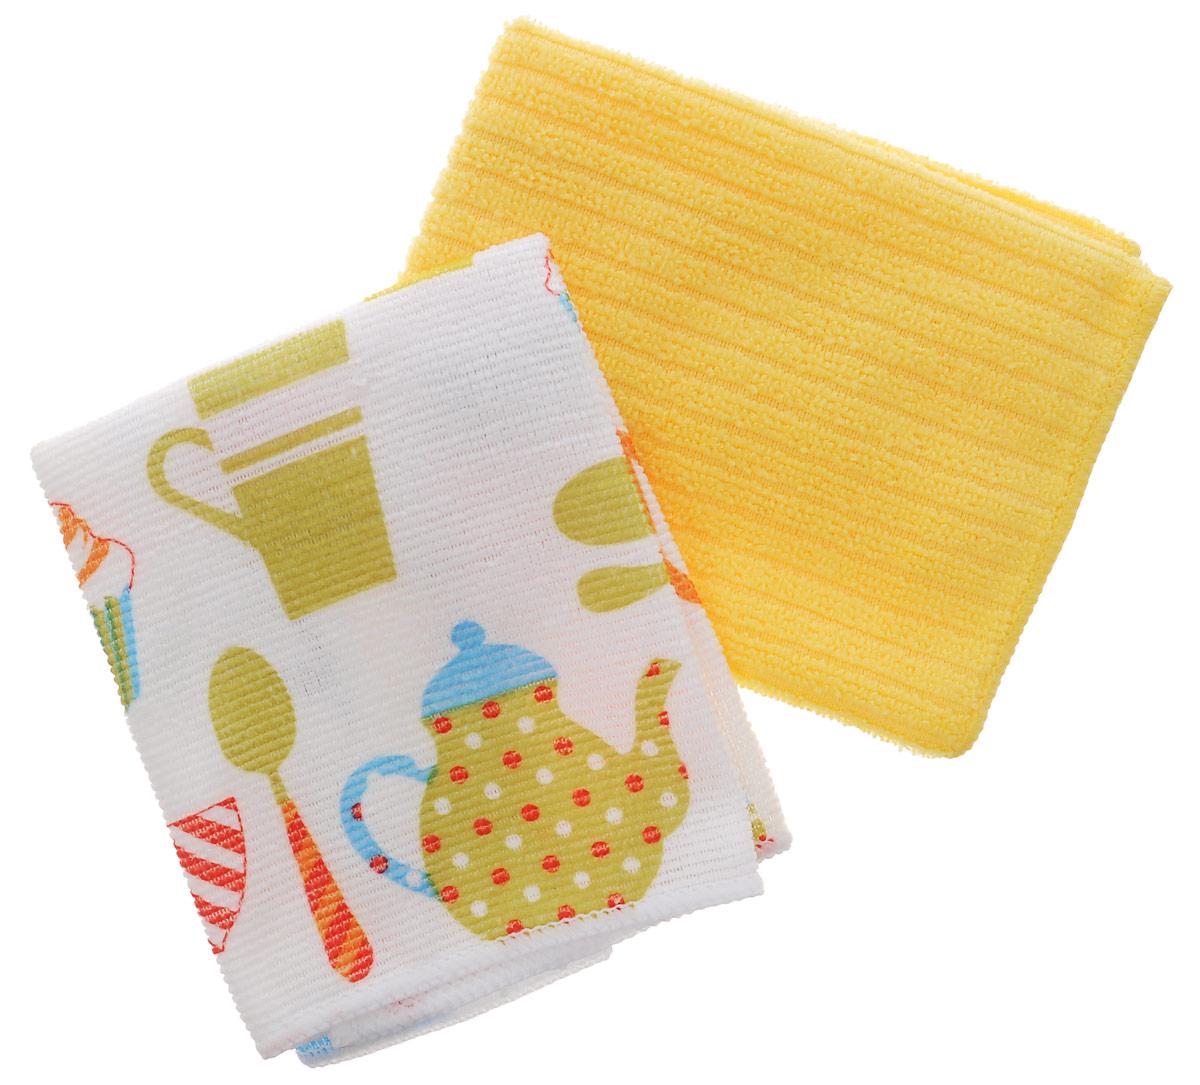 Набор полотенец Bon Appetit Кекс, цвет: желтый, белый, 30 см х 30 см, 2 шт71575Набор полотенец Bon Appetit Кекс, изготовленный из 100% микрофибры, идеален для рук. Этот нанотехлогочный материал, отлично впитывает воду, сохраняет яркие краски и внешний вид после многочисленных стирок. Качество материала гарантирует безопасность не только взрослых, но и самых маленьких членов семьи. Изделие украшено оригинальным и ярким рисунком, оно впишется в интерьер любой кухни. Кухонные полотенца Bon Appetit идеально дополнят интерьер вашей кухни и создадут атмосферу уюта и комфорта. Размер полотенца: 30 см х 30 см. Комплектность: 2 шт.